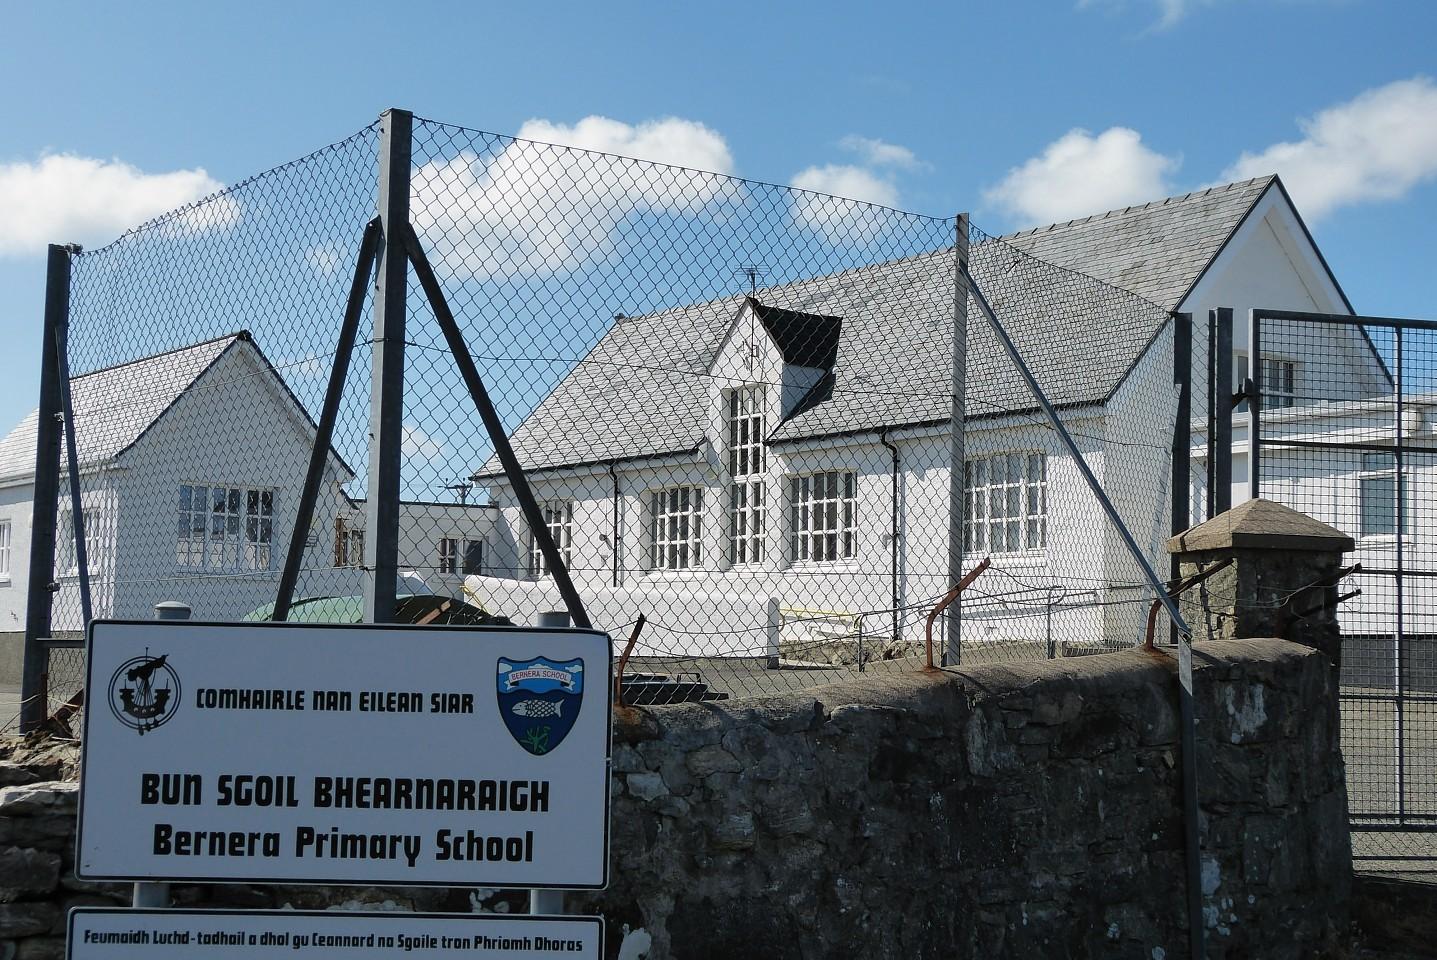 Bernera School is one of